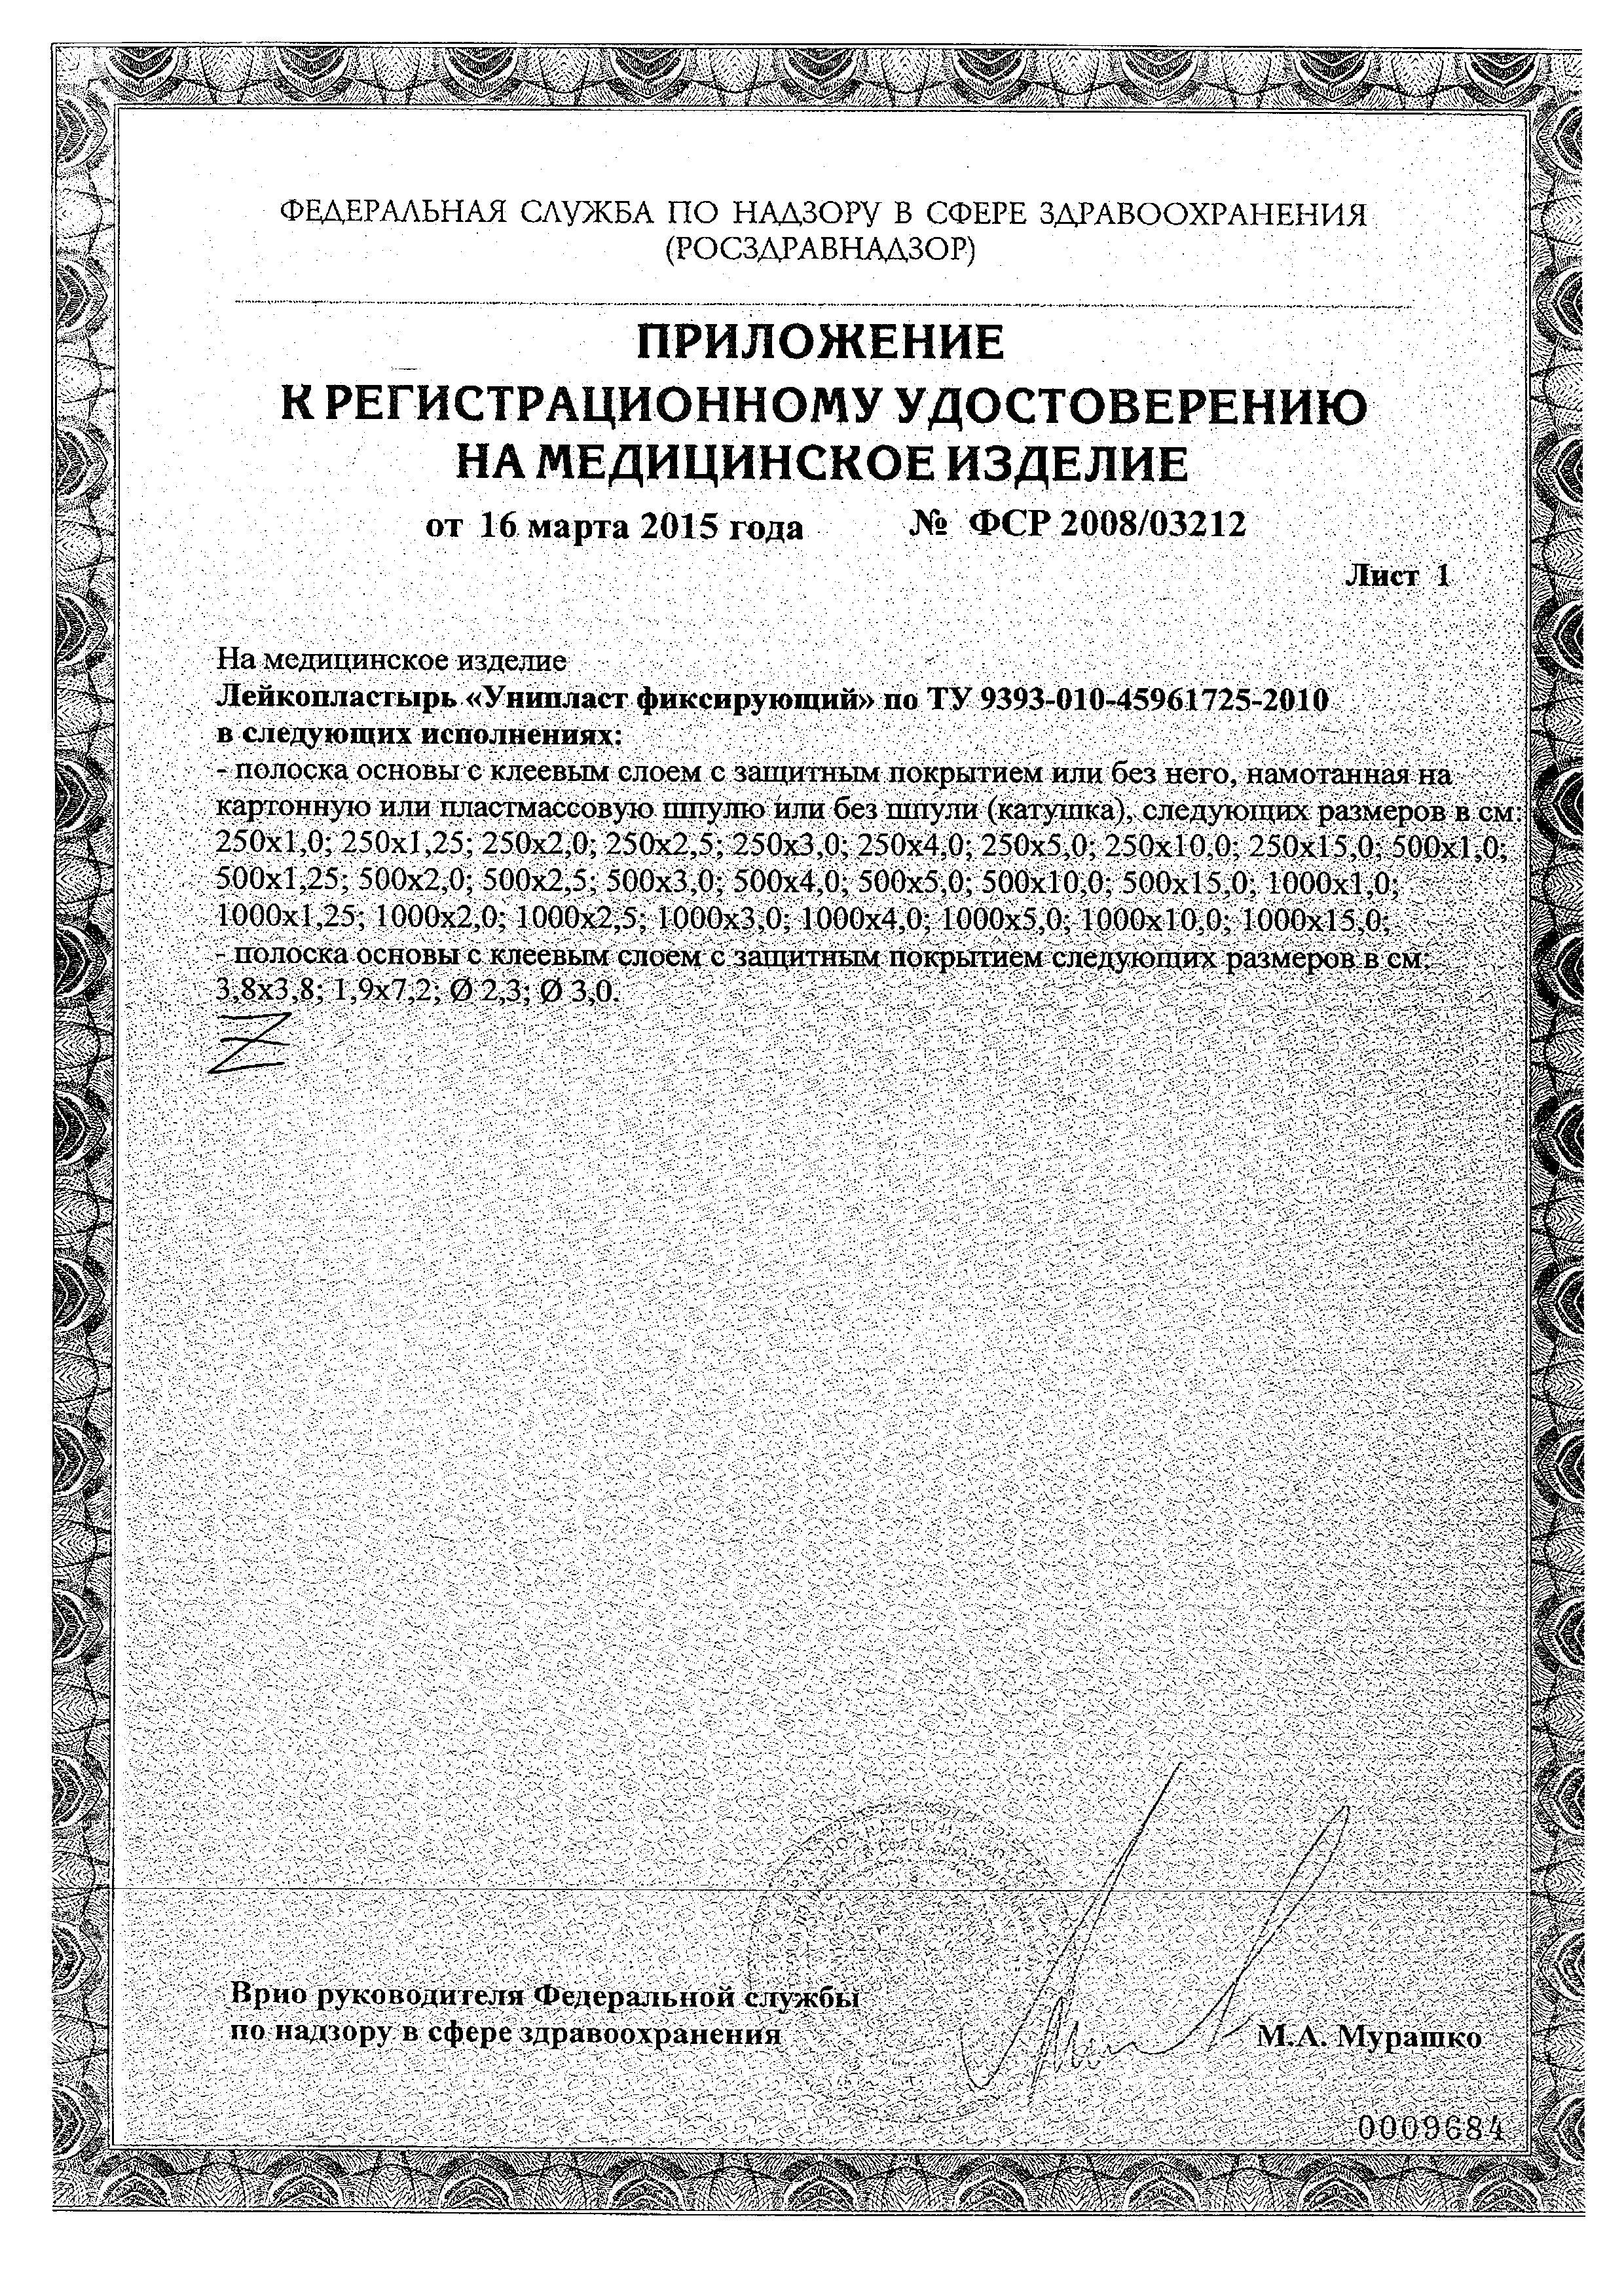 Унипласт пластырь фиксирующий сертификат